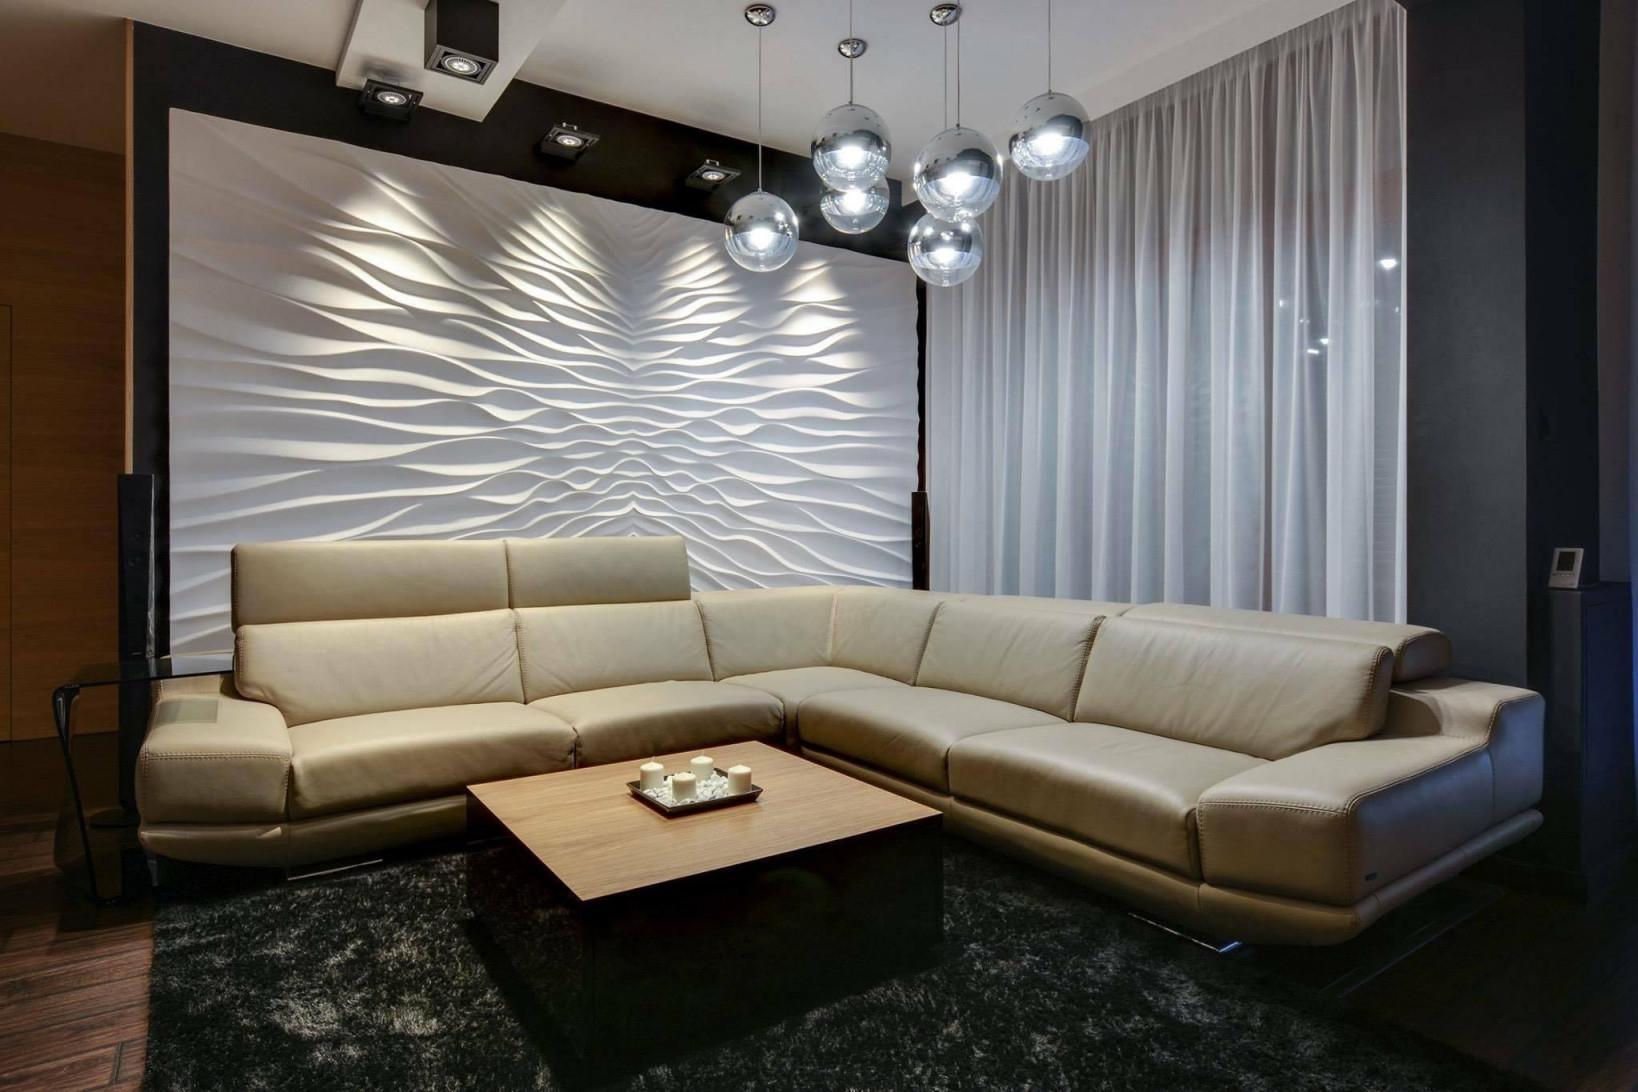 Wandverkleidung Individualisieren So Geht's von Moderne Wandverkleidung Wohnzimmer Bild